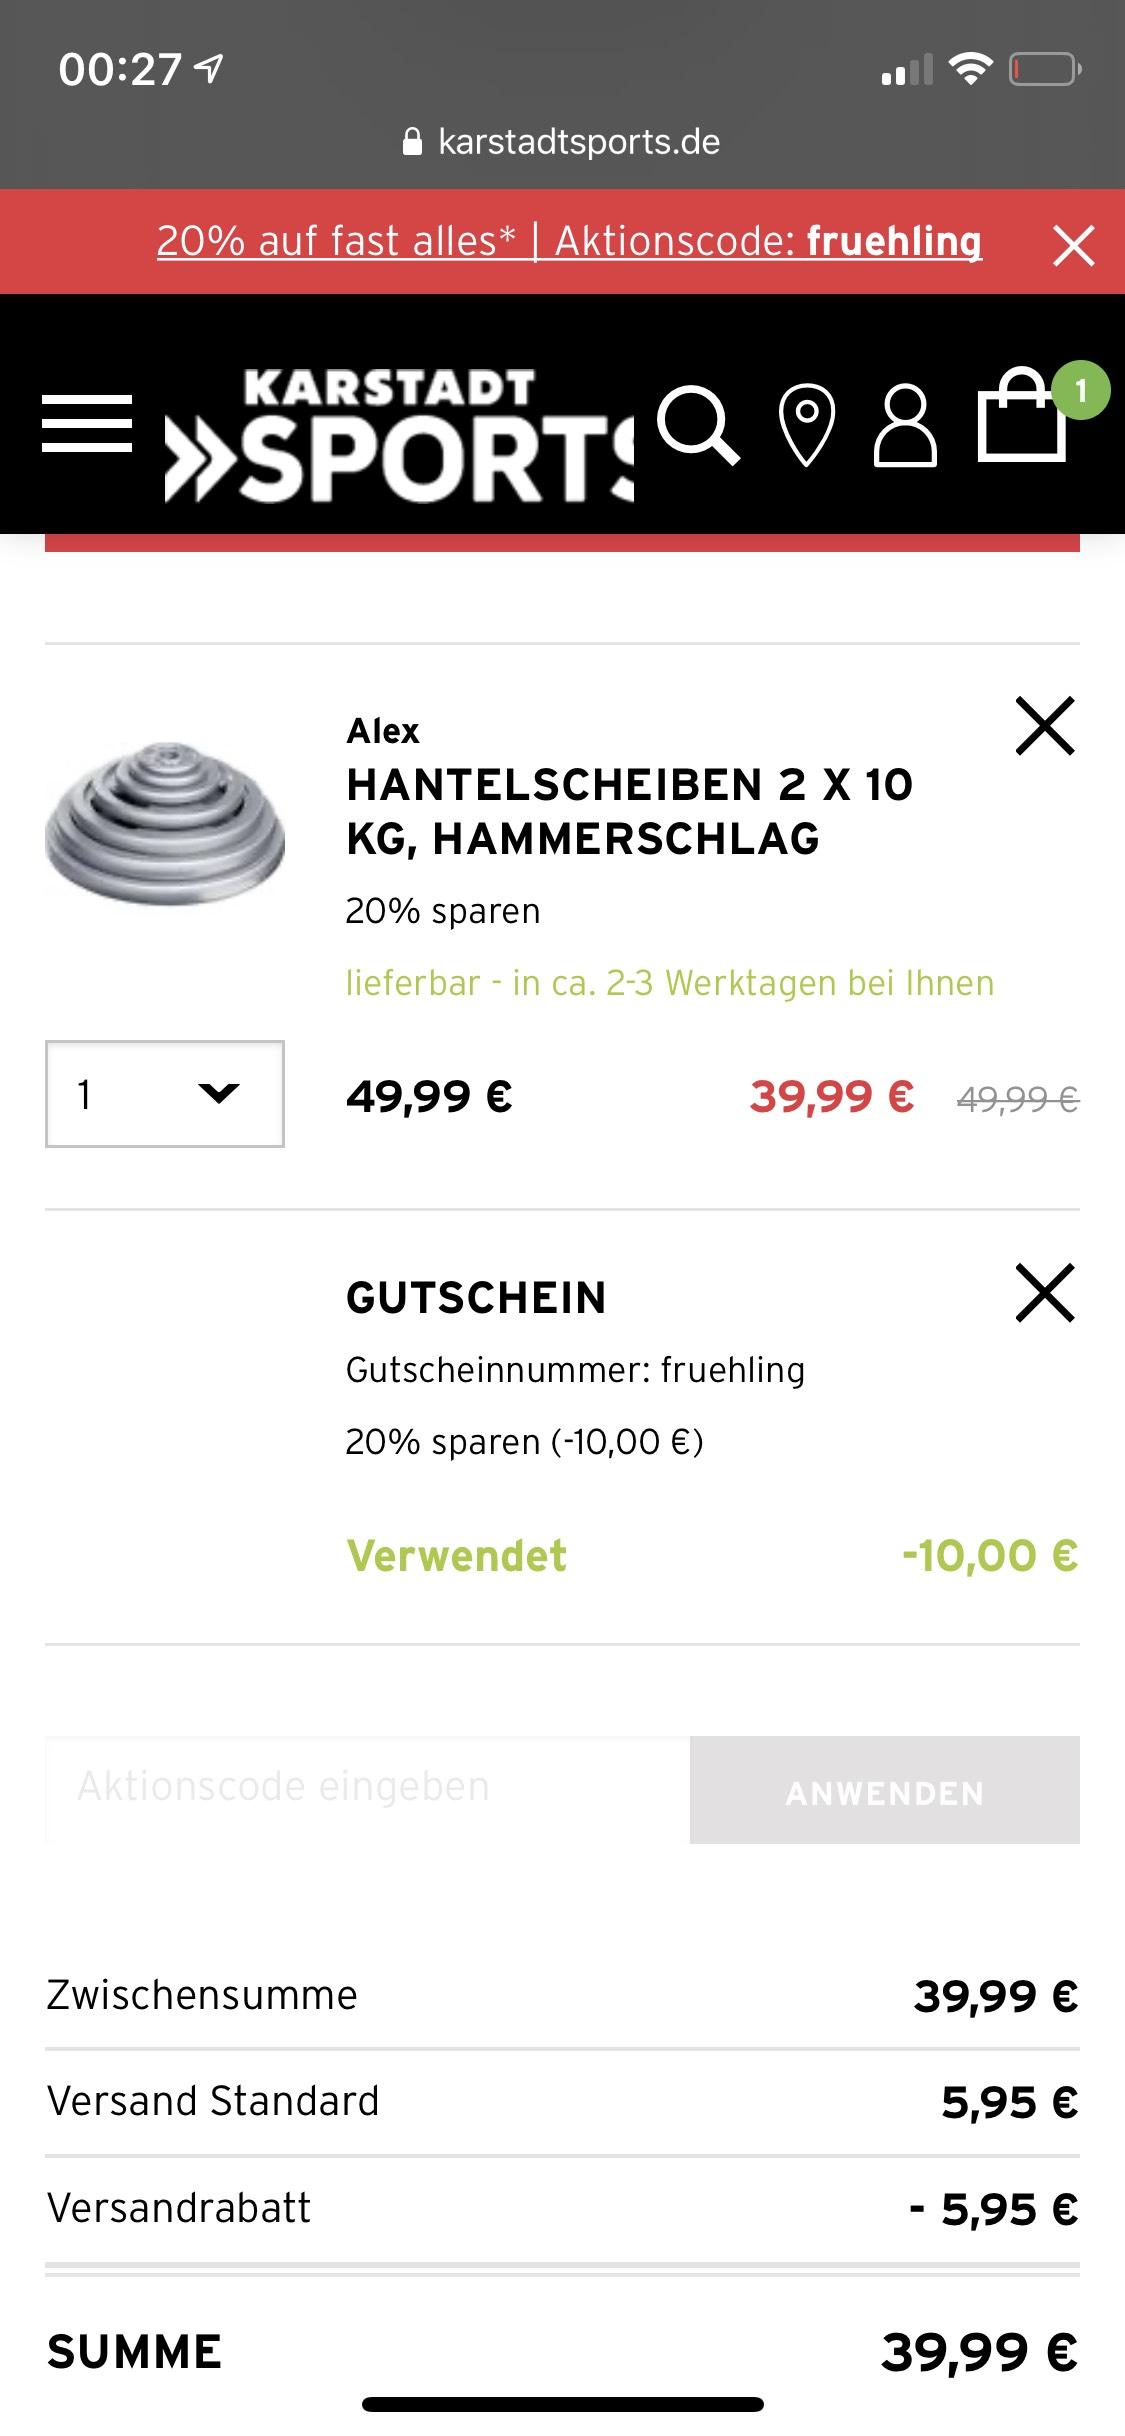 [Karstadt Sports] Hantelscheiben Gewichte - z.B. 2x 10KG Set für 39,99 EUR + 5% Shoop möglich